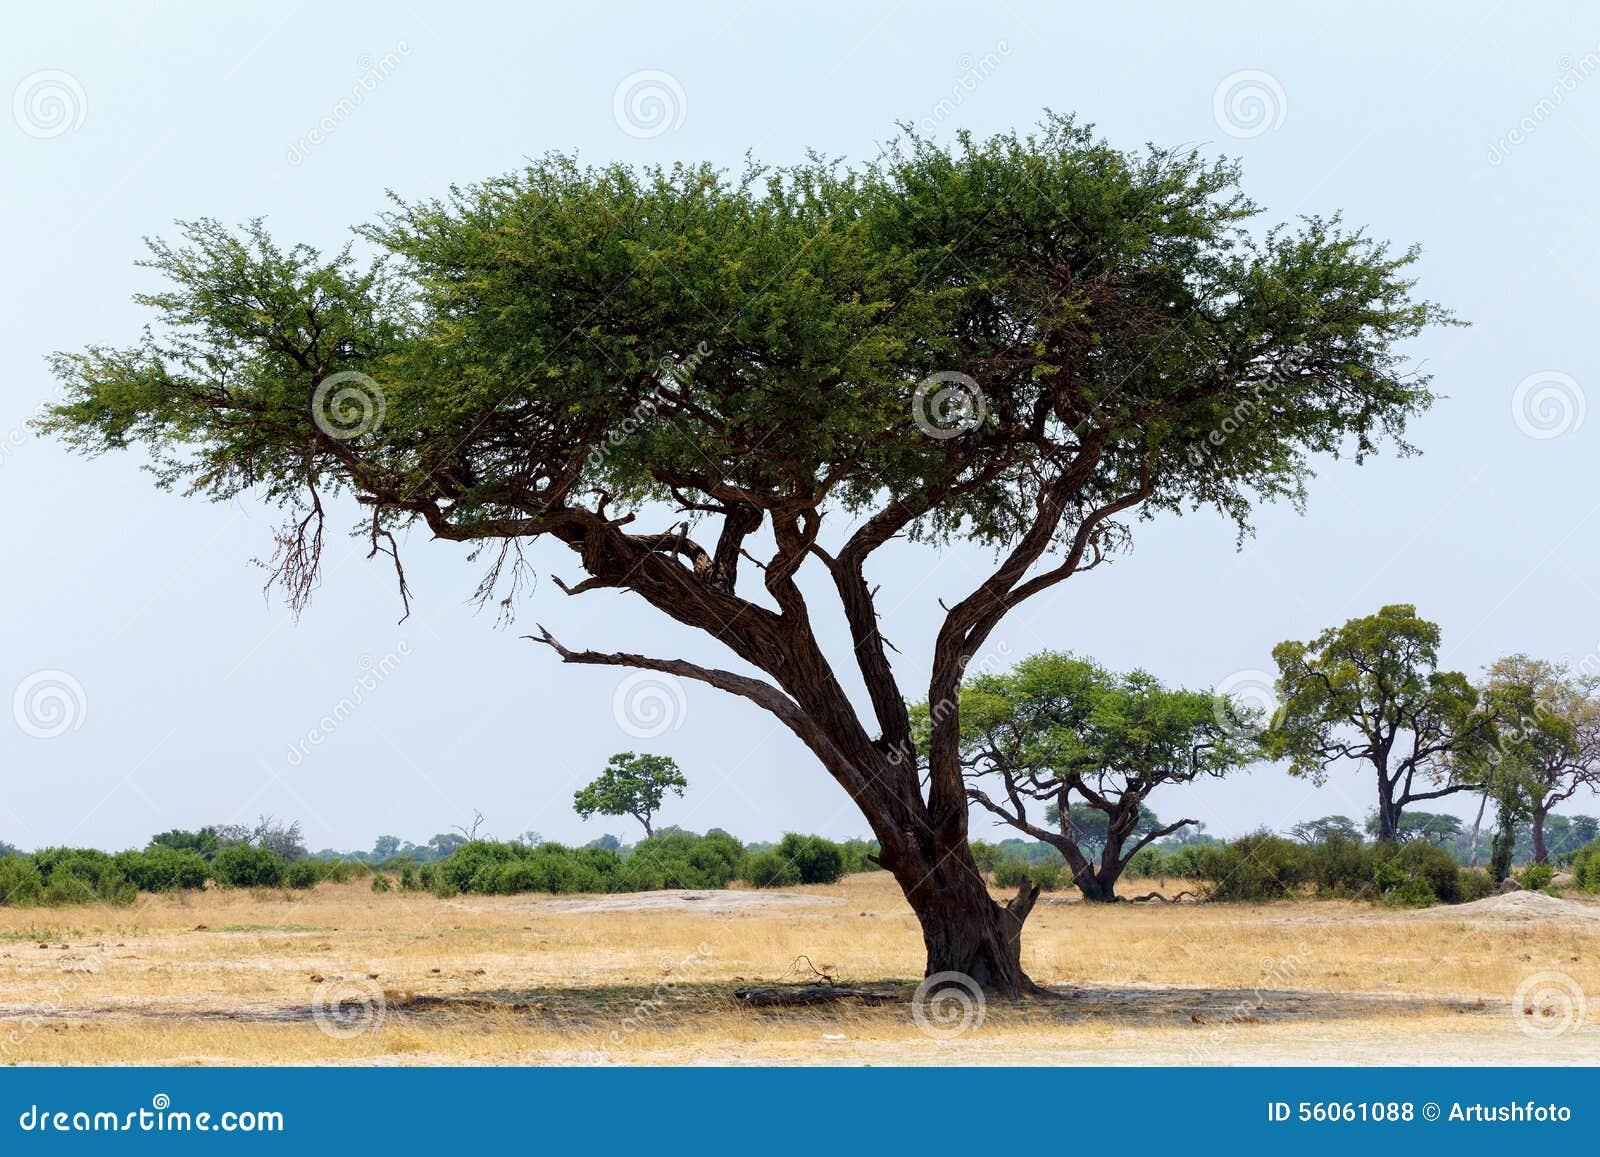 Le grand arbre d 39 acacia dans la savane ouverte raffine l 39 afrique photo stock image 56061088 - Arbre africain en 7 lettres ...